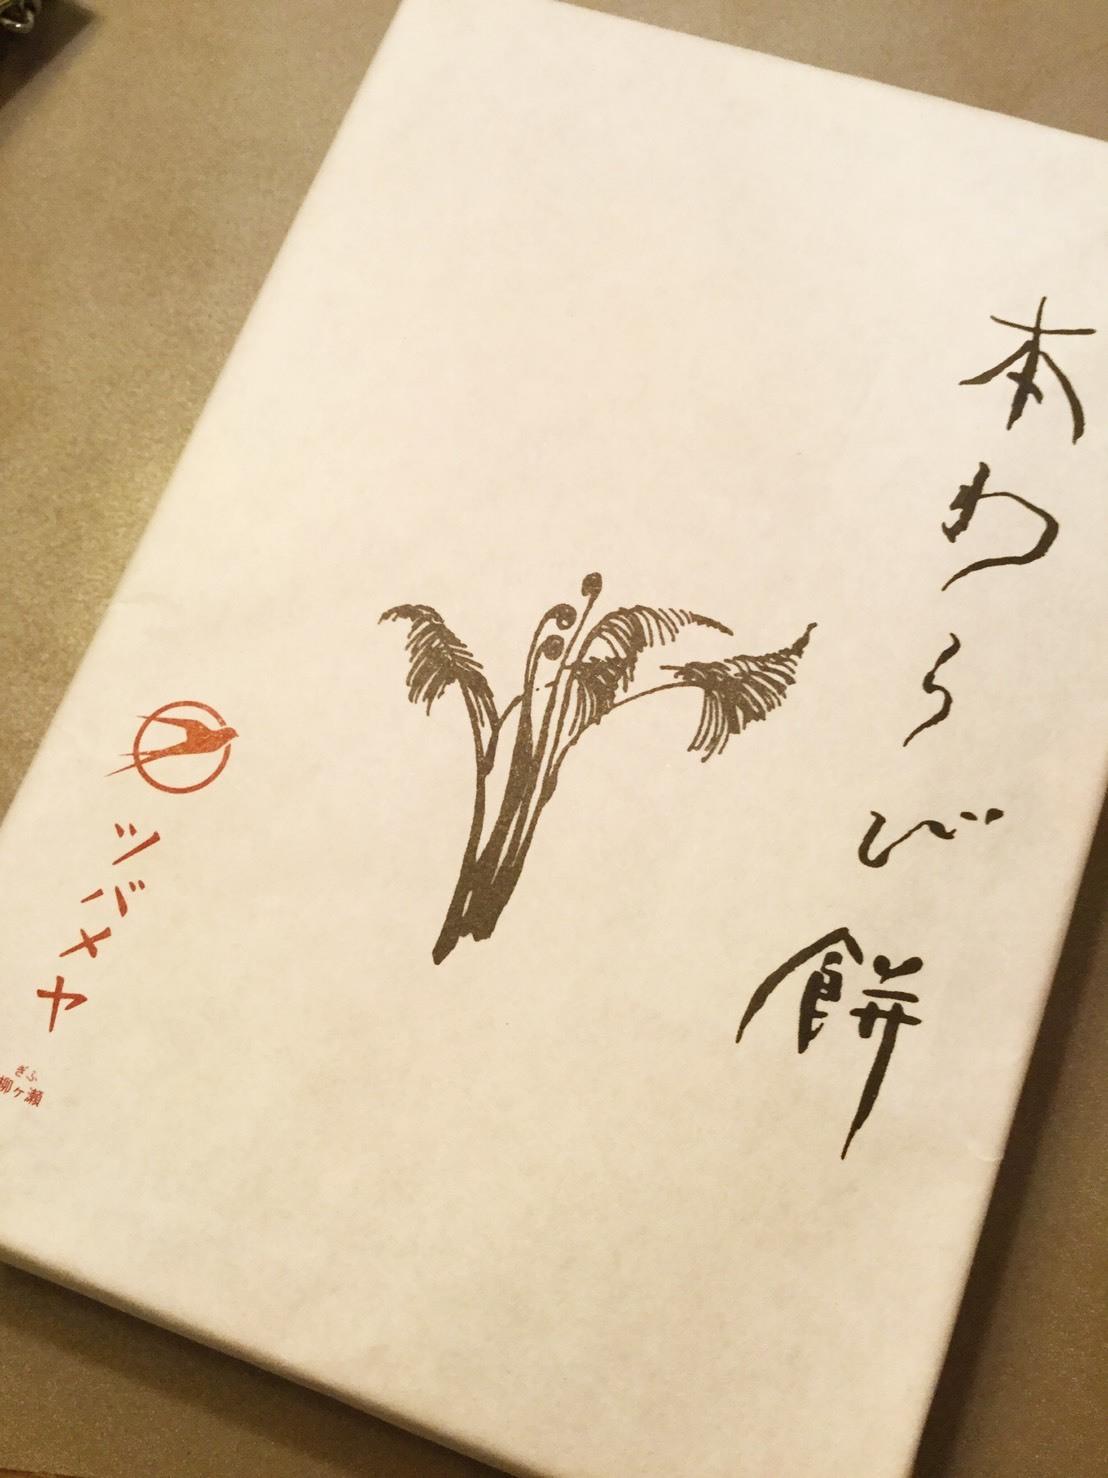 むすれぽ。/岐阜(担当:ノックソ)